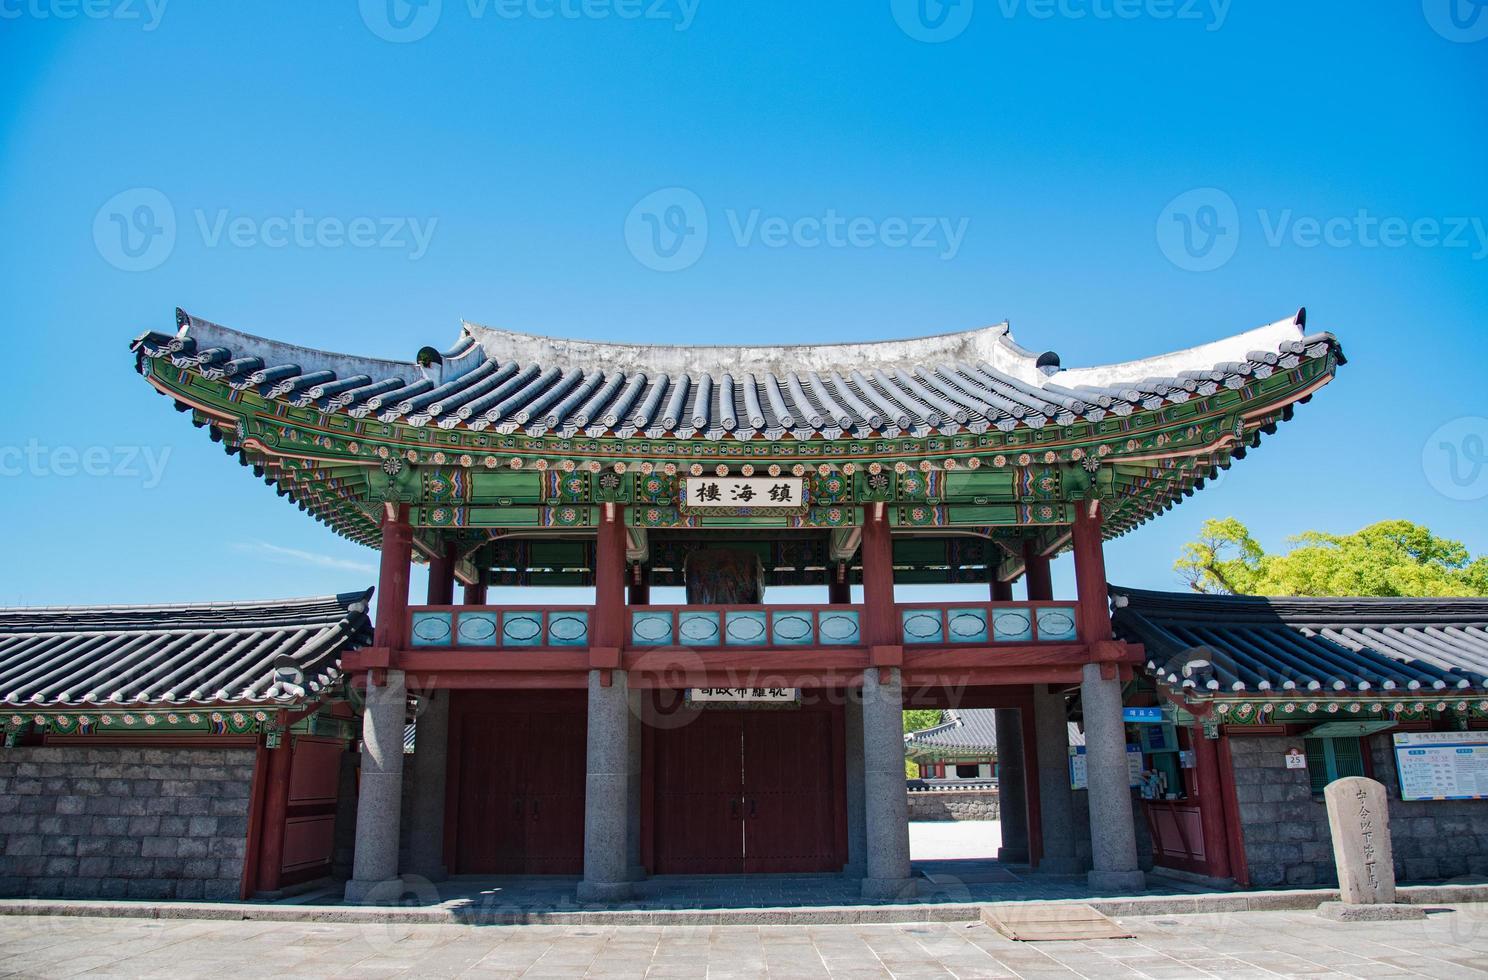 padiglione gwandeokjeong, isola di jeju, corea foto